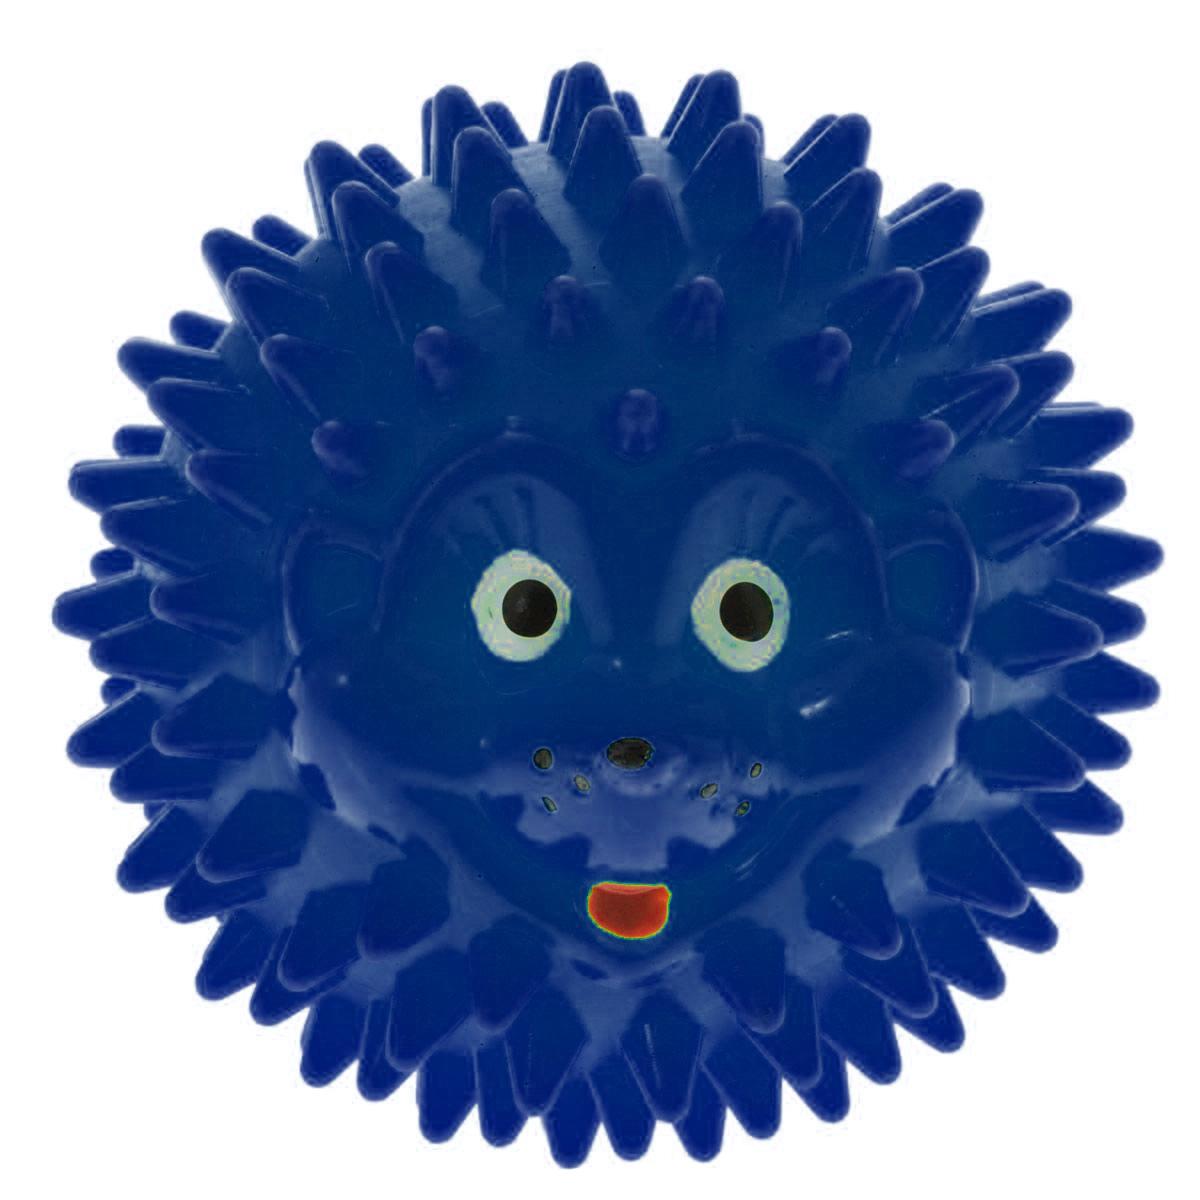 Массажер Дельтатерм Шарик-Ежик, цвет: синий, диаметр 50 ммBP000018754С помощью массажного мяча Шарик-Ежик можно самостоятельно проводить мягкий массаж ладоней, стоп и всего тела. Такой массаж способствует повышению кожно-мышечного тонуса, уменьшению венозного застоя и ускорению капиллярного кровотока, улучшению функционирования периферической и центральной нервных систем. Идеально подходит для проведения массажа у маленьких детей. Развивает мышление, координацию движений и совершенствует моторику нежных пальчиков малыша и является интересной веселой игрушкой.